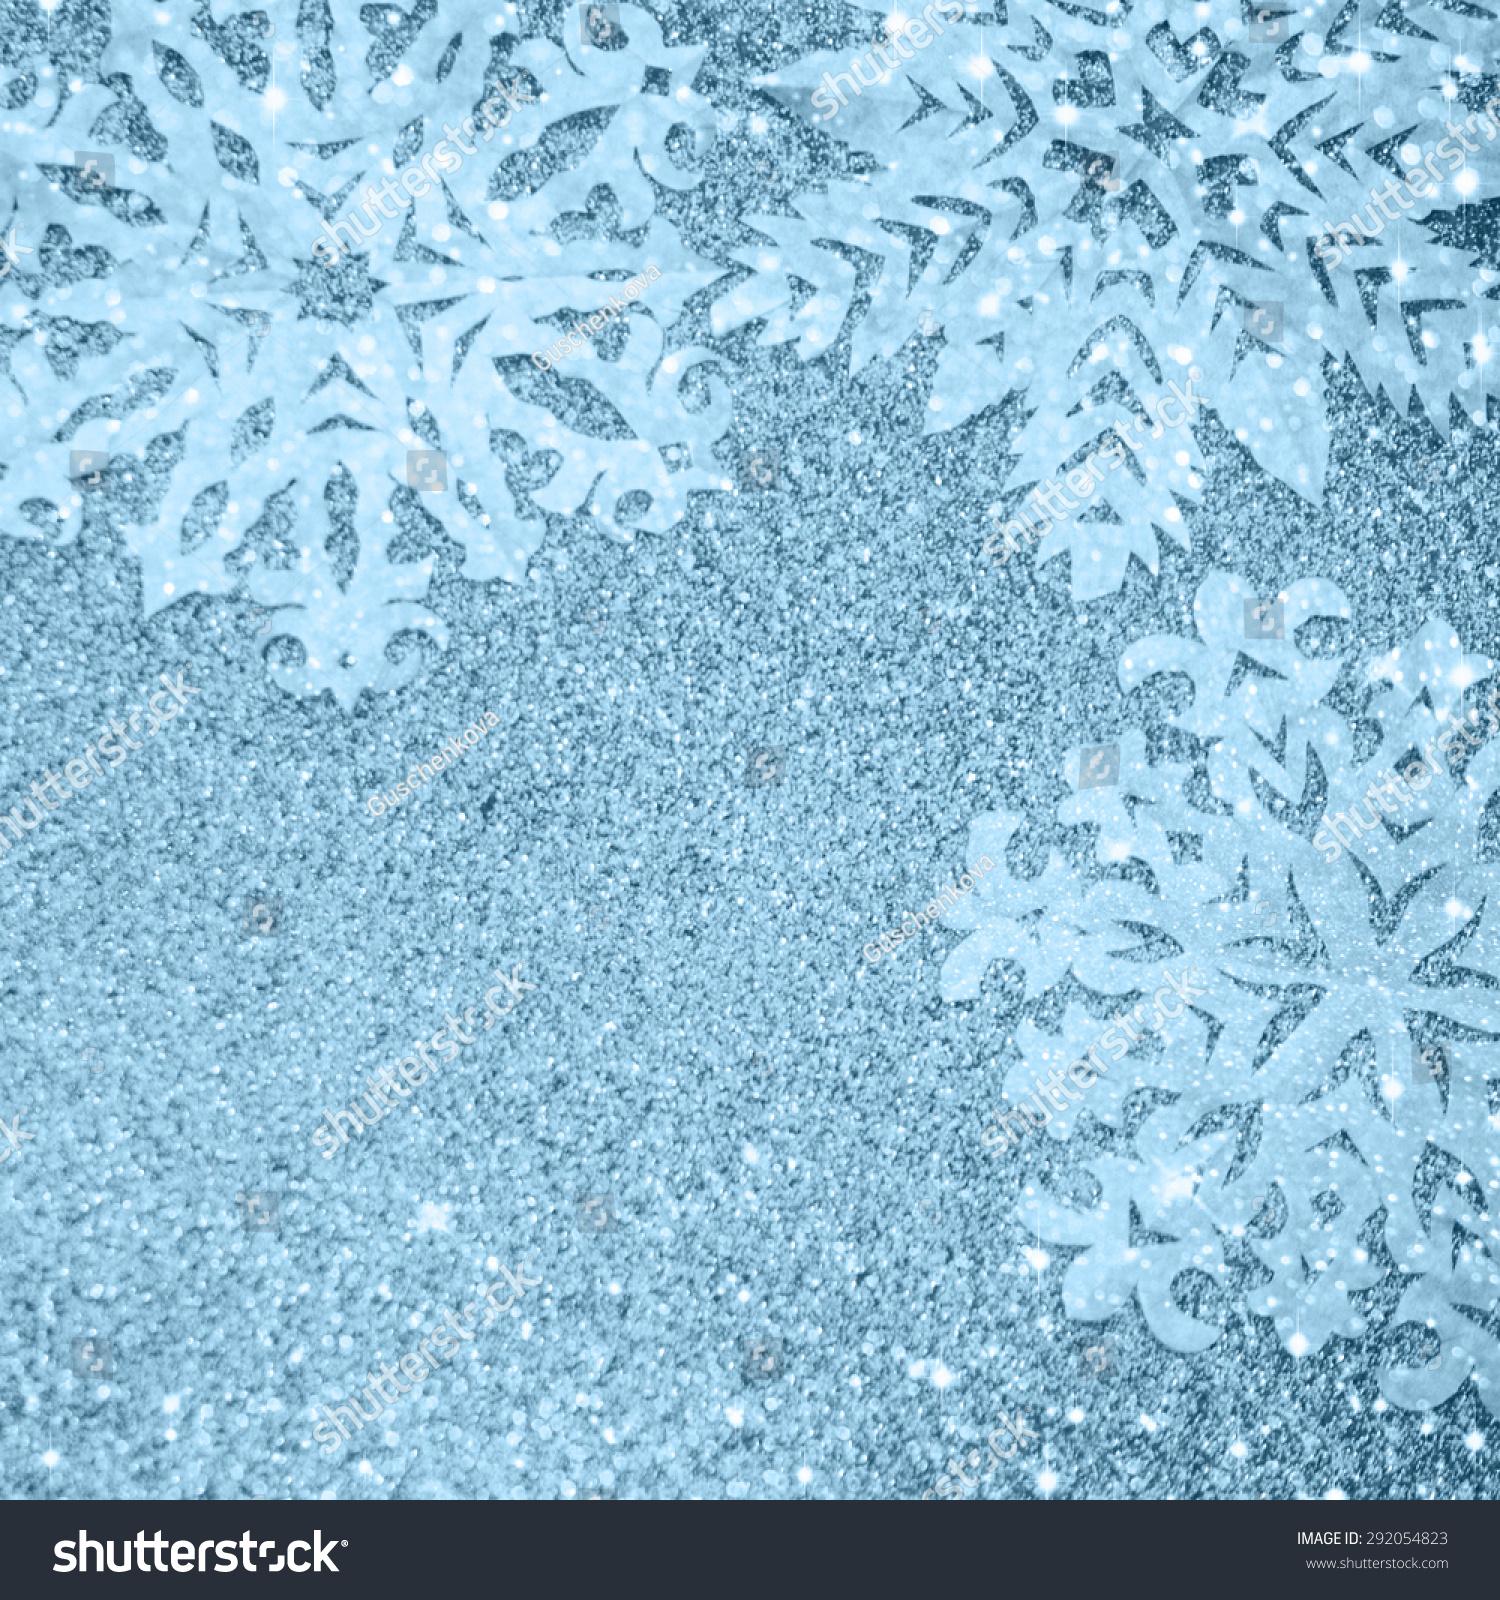 幼儿园主题活动网络图 冬天